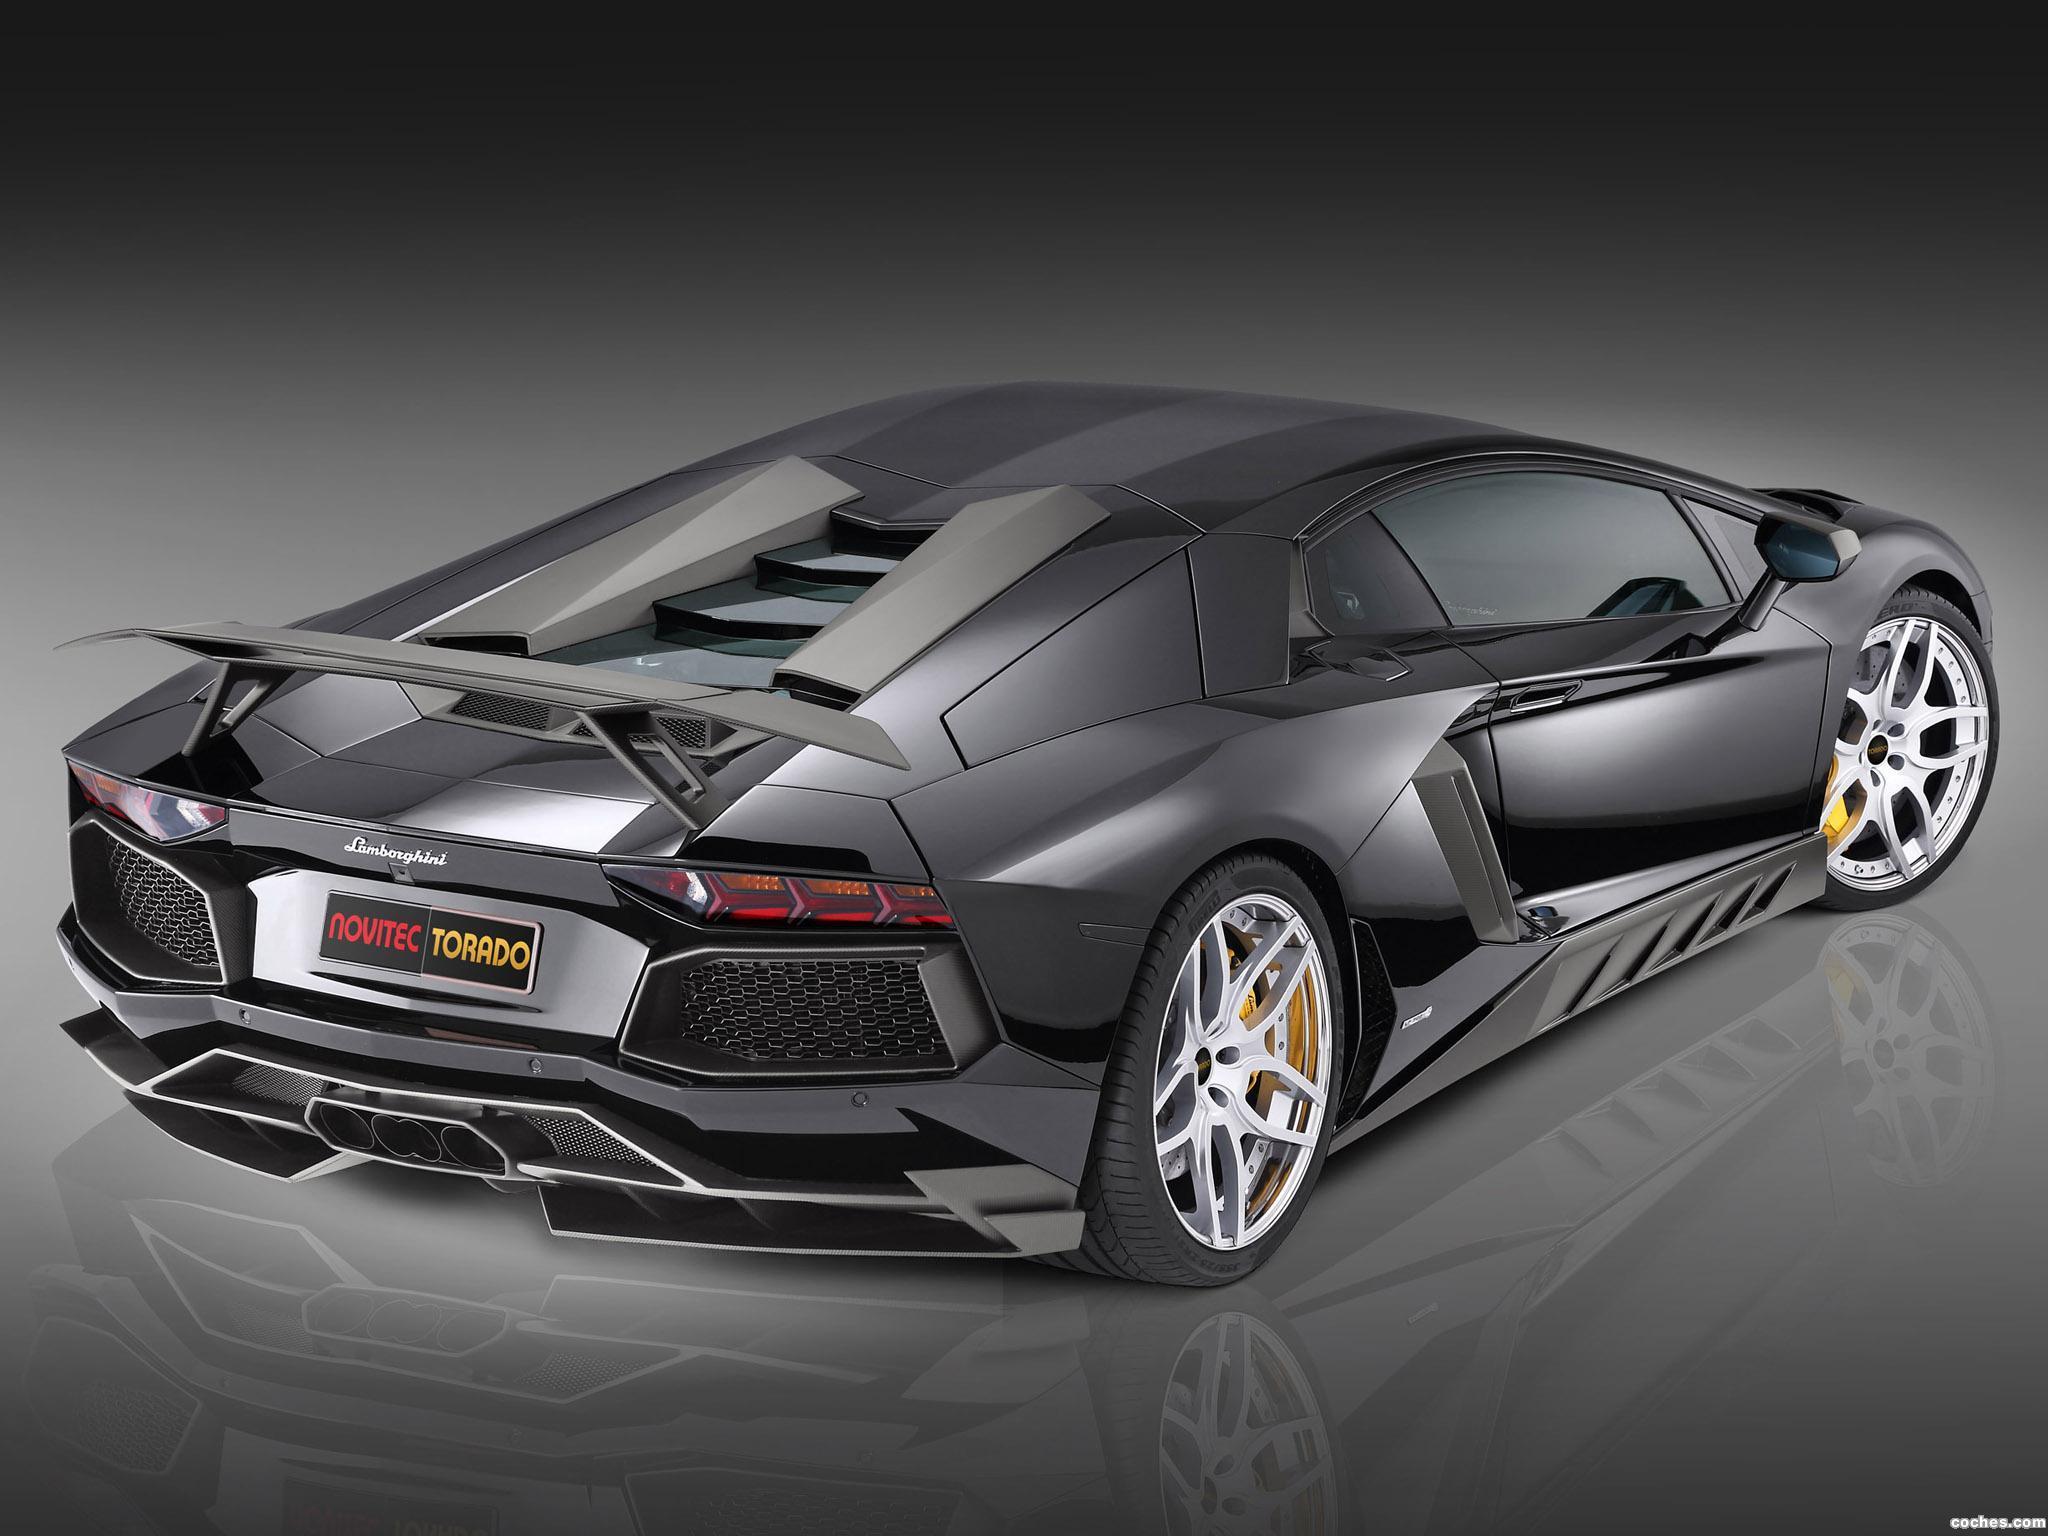 Foto 3 de Novitec Torado Lamborghini Aventador LP700-4 2013